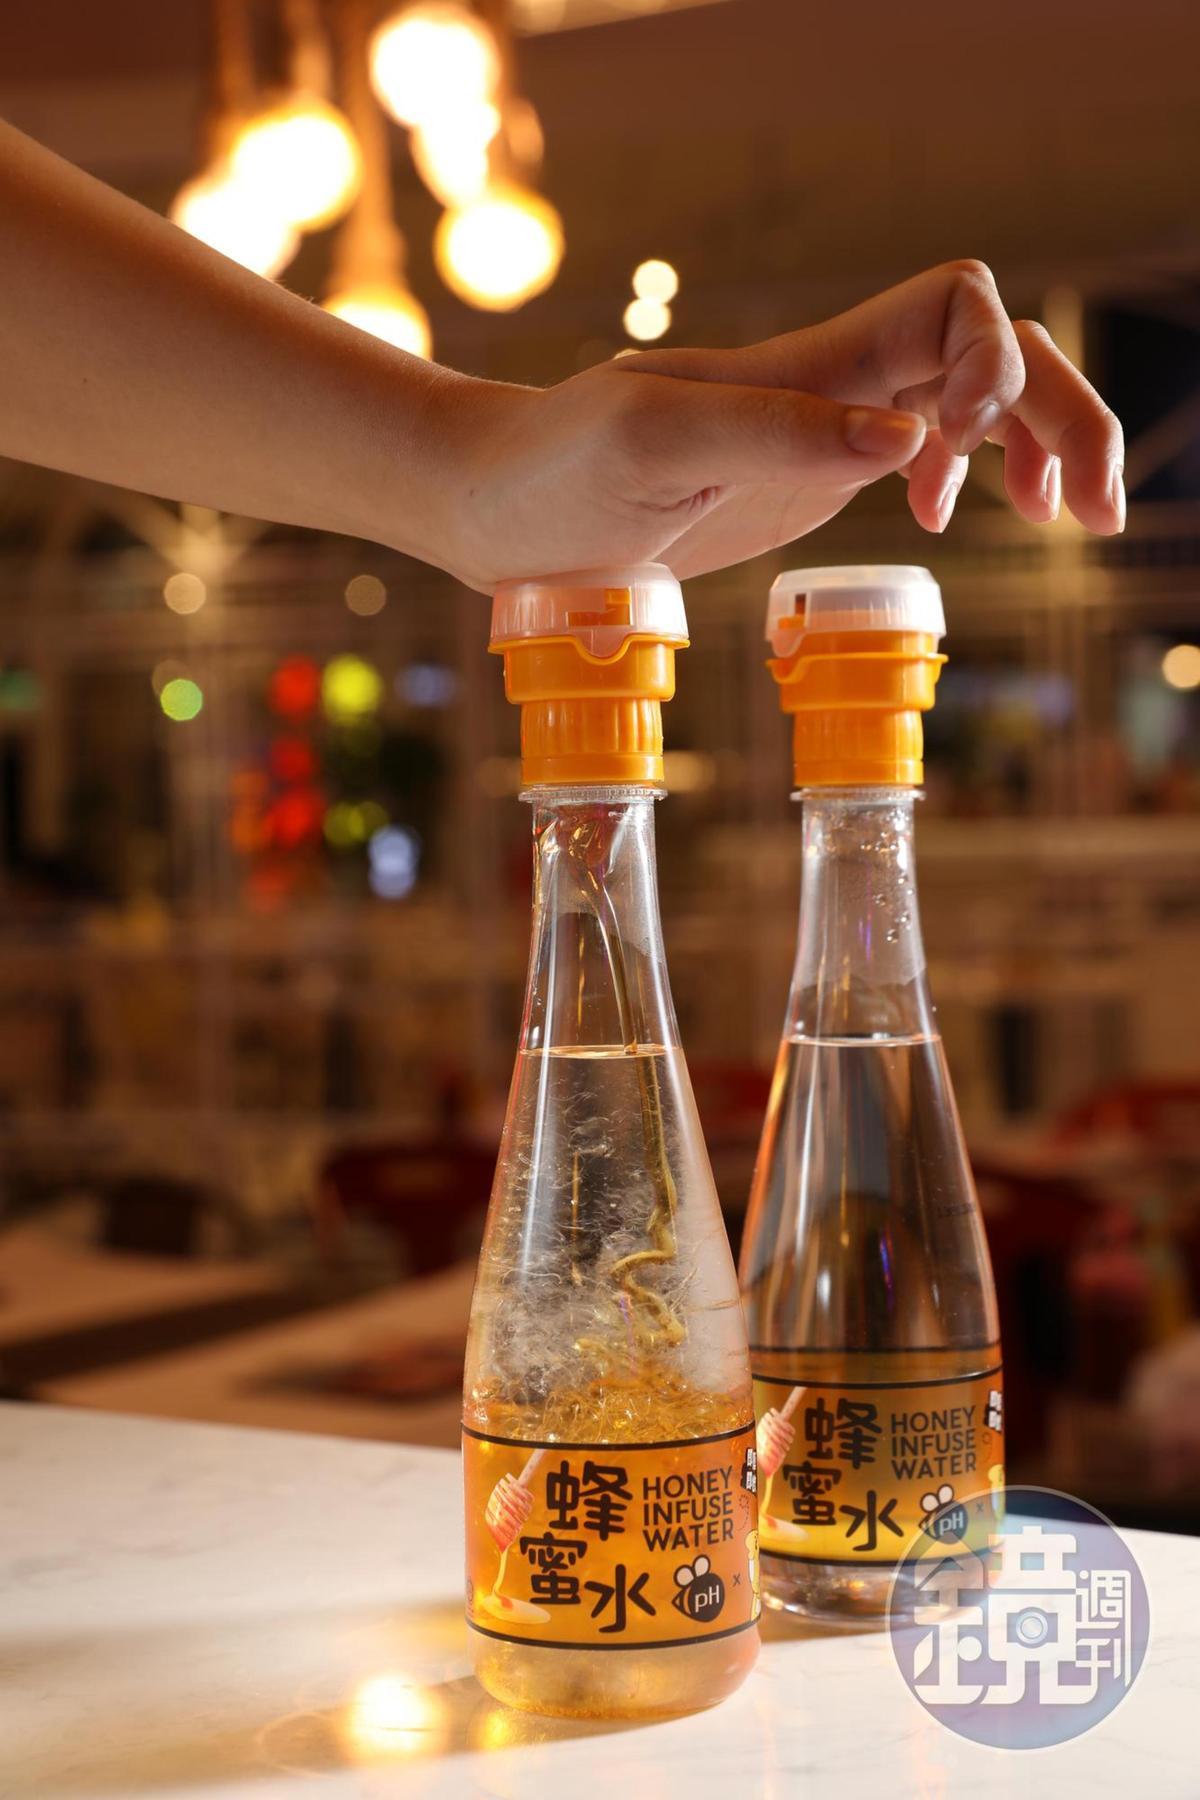 餐點講究自己動手,飲料也要DIY,用力按壓「TKK蜂蜜水」的瓶蓋,蜂蜜就會噴進水瓶裡。(45元/瓶)